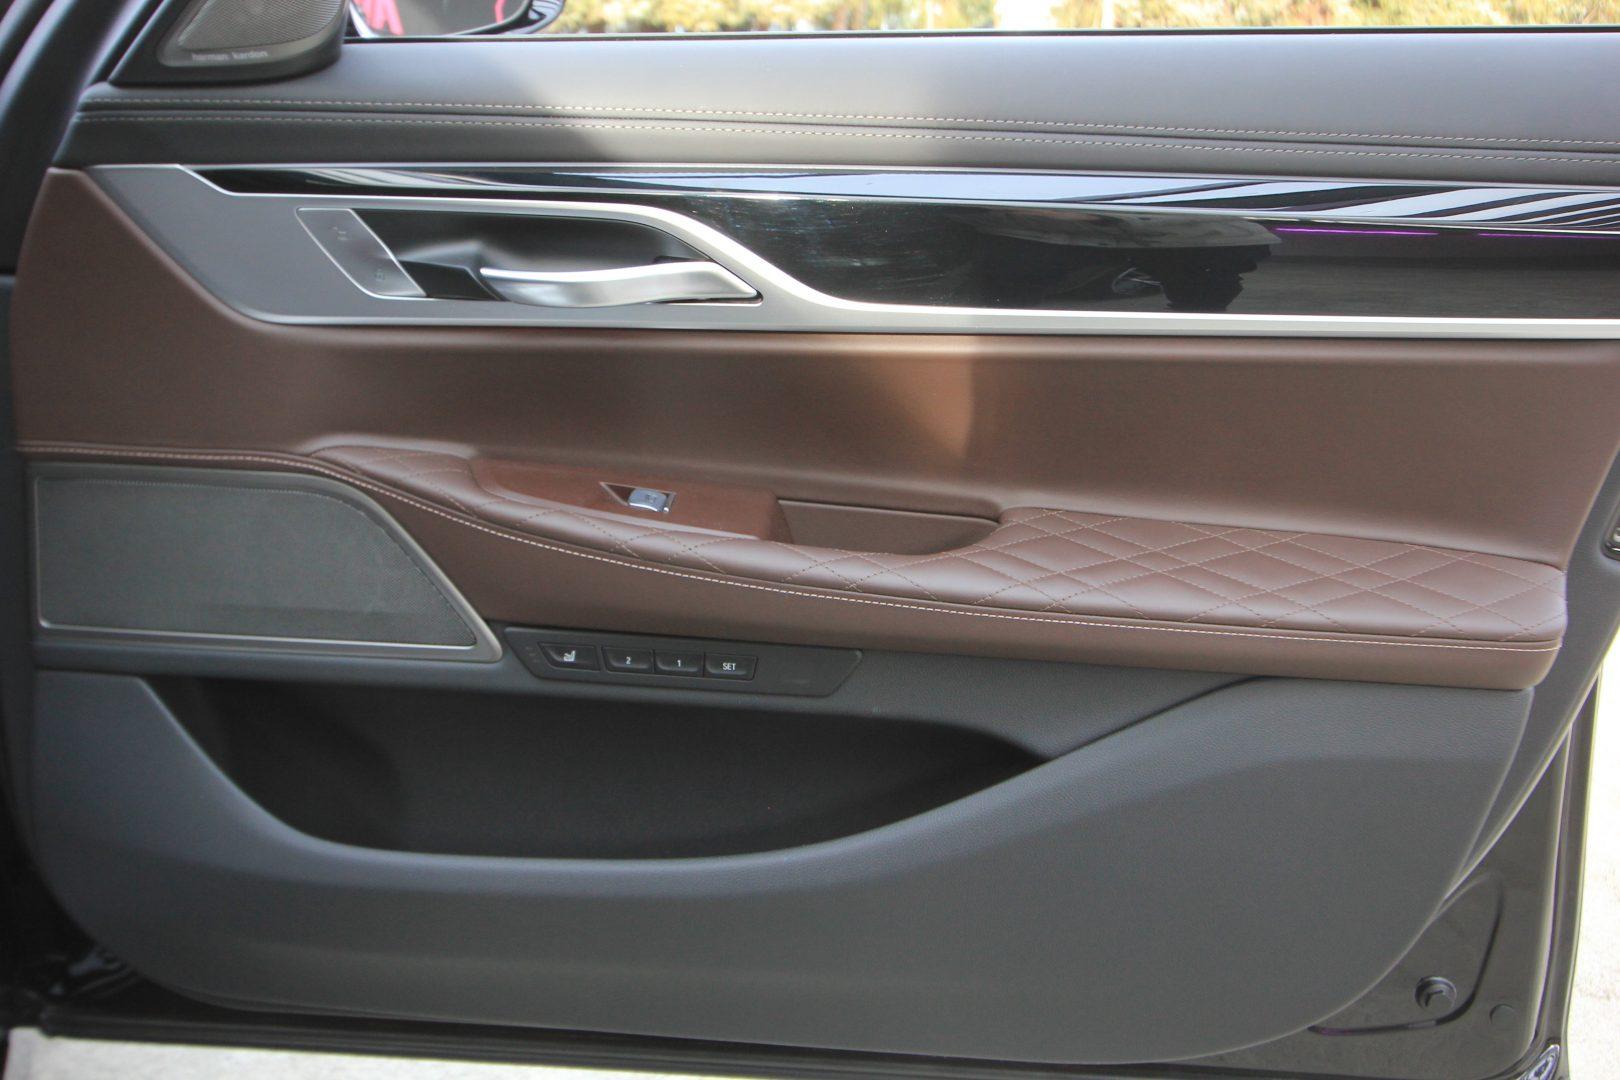 AIL BMW 730Ld xDrive M Paket Laser  12